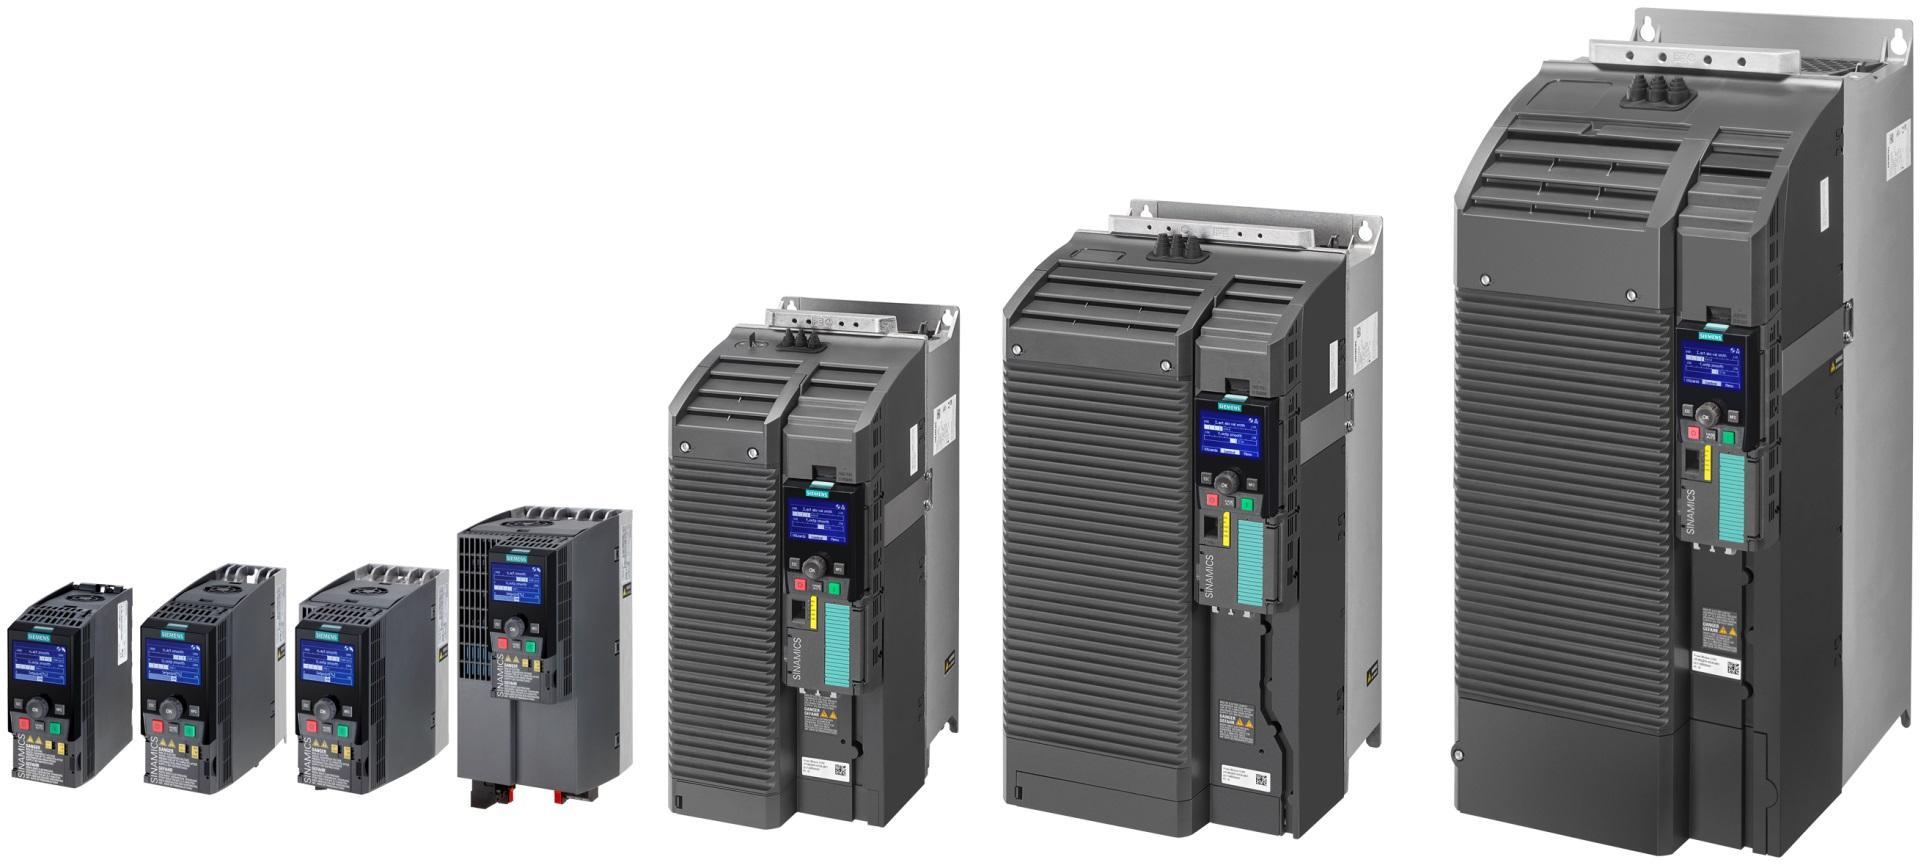 Проблемы определения потерь в преобразователях частоты с ШИМ при использовании транзисторных модулей различных производителей